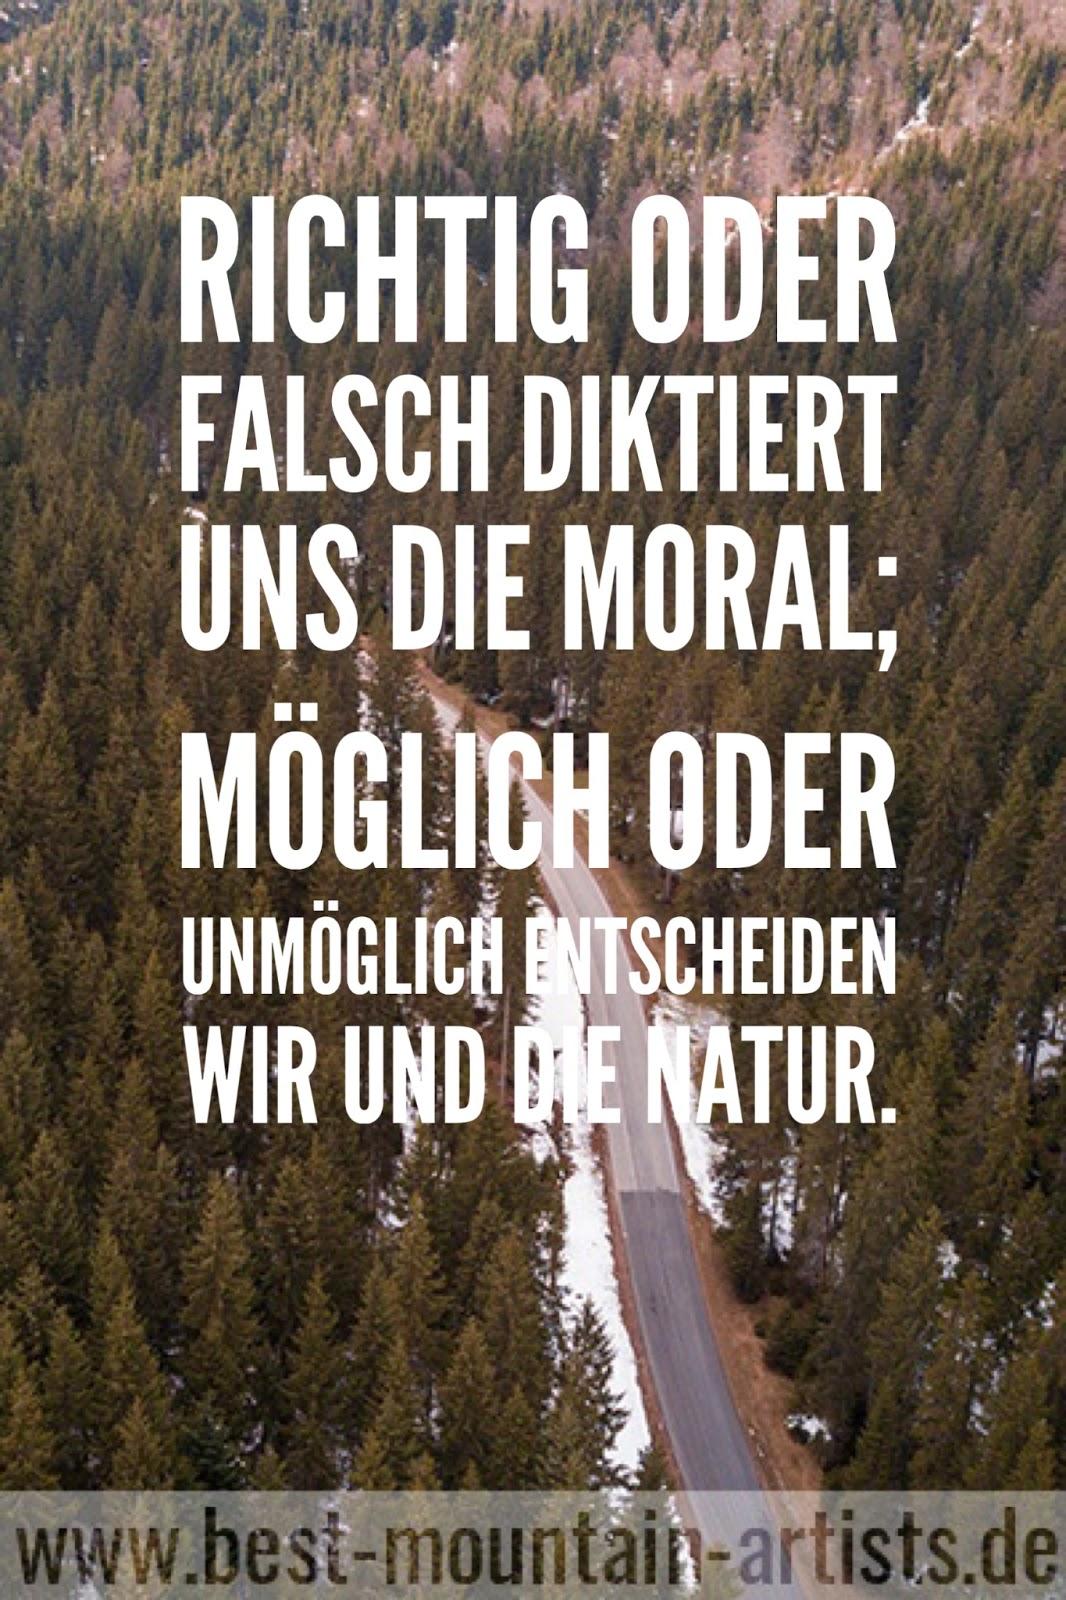 """""""Richtig oder falsch diktiert uns die Moral; möglich oder unmöglich entscheiden wir und die Natur."""", Reinhold Messner"""